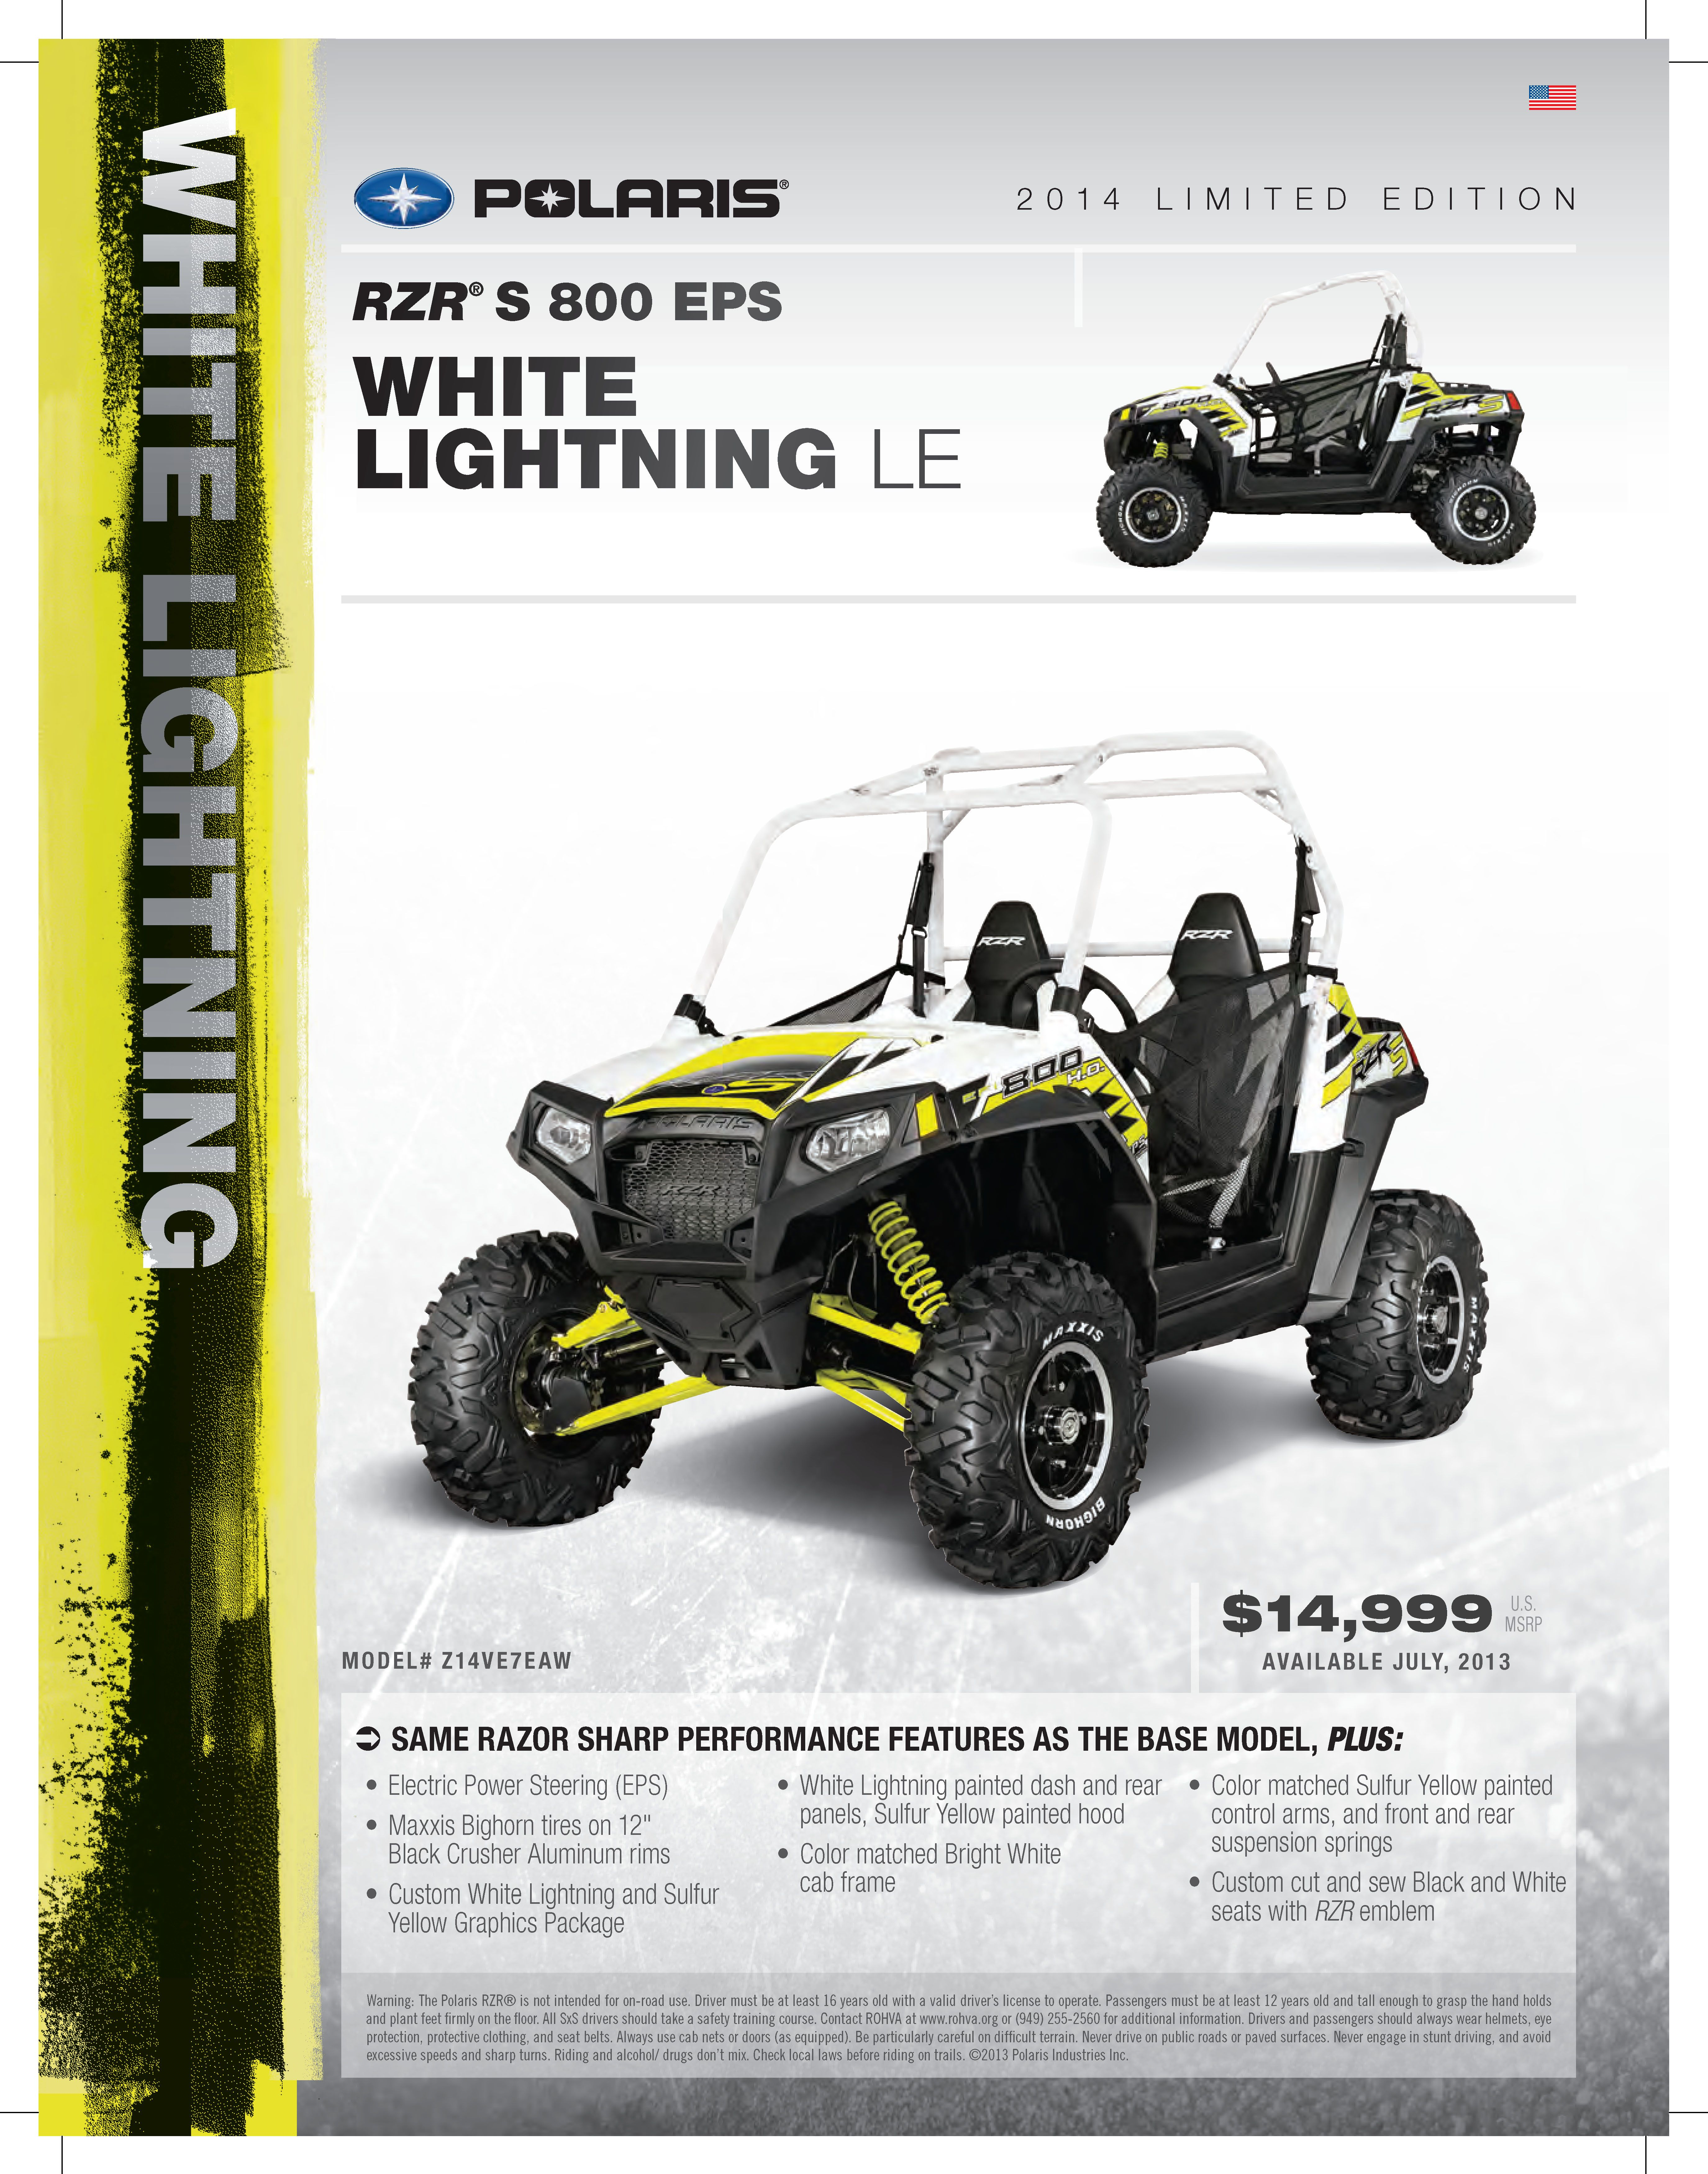 2014 Polaris RZR S 800 EPS in White Lightning WoodsCycleCountry